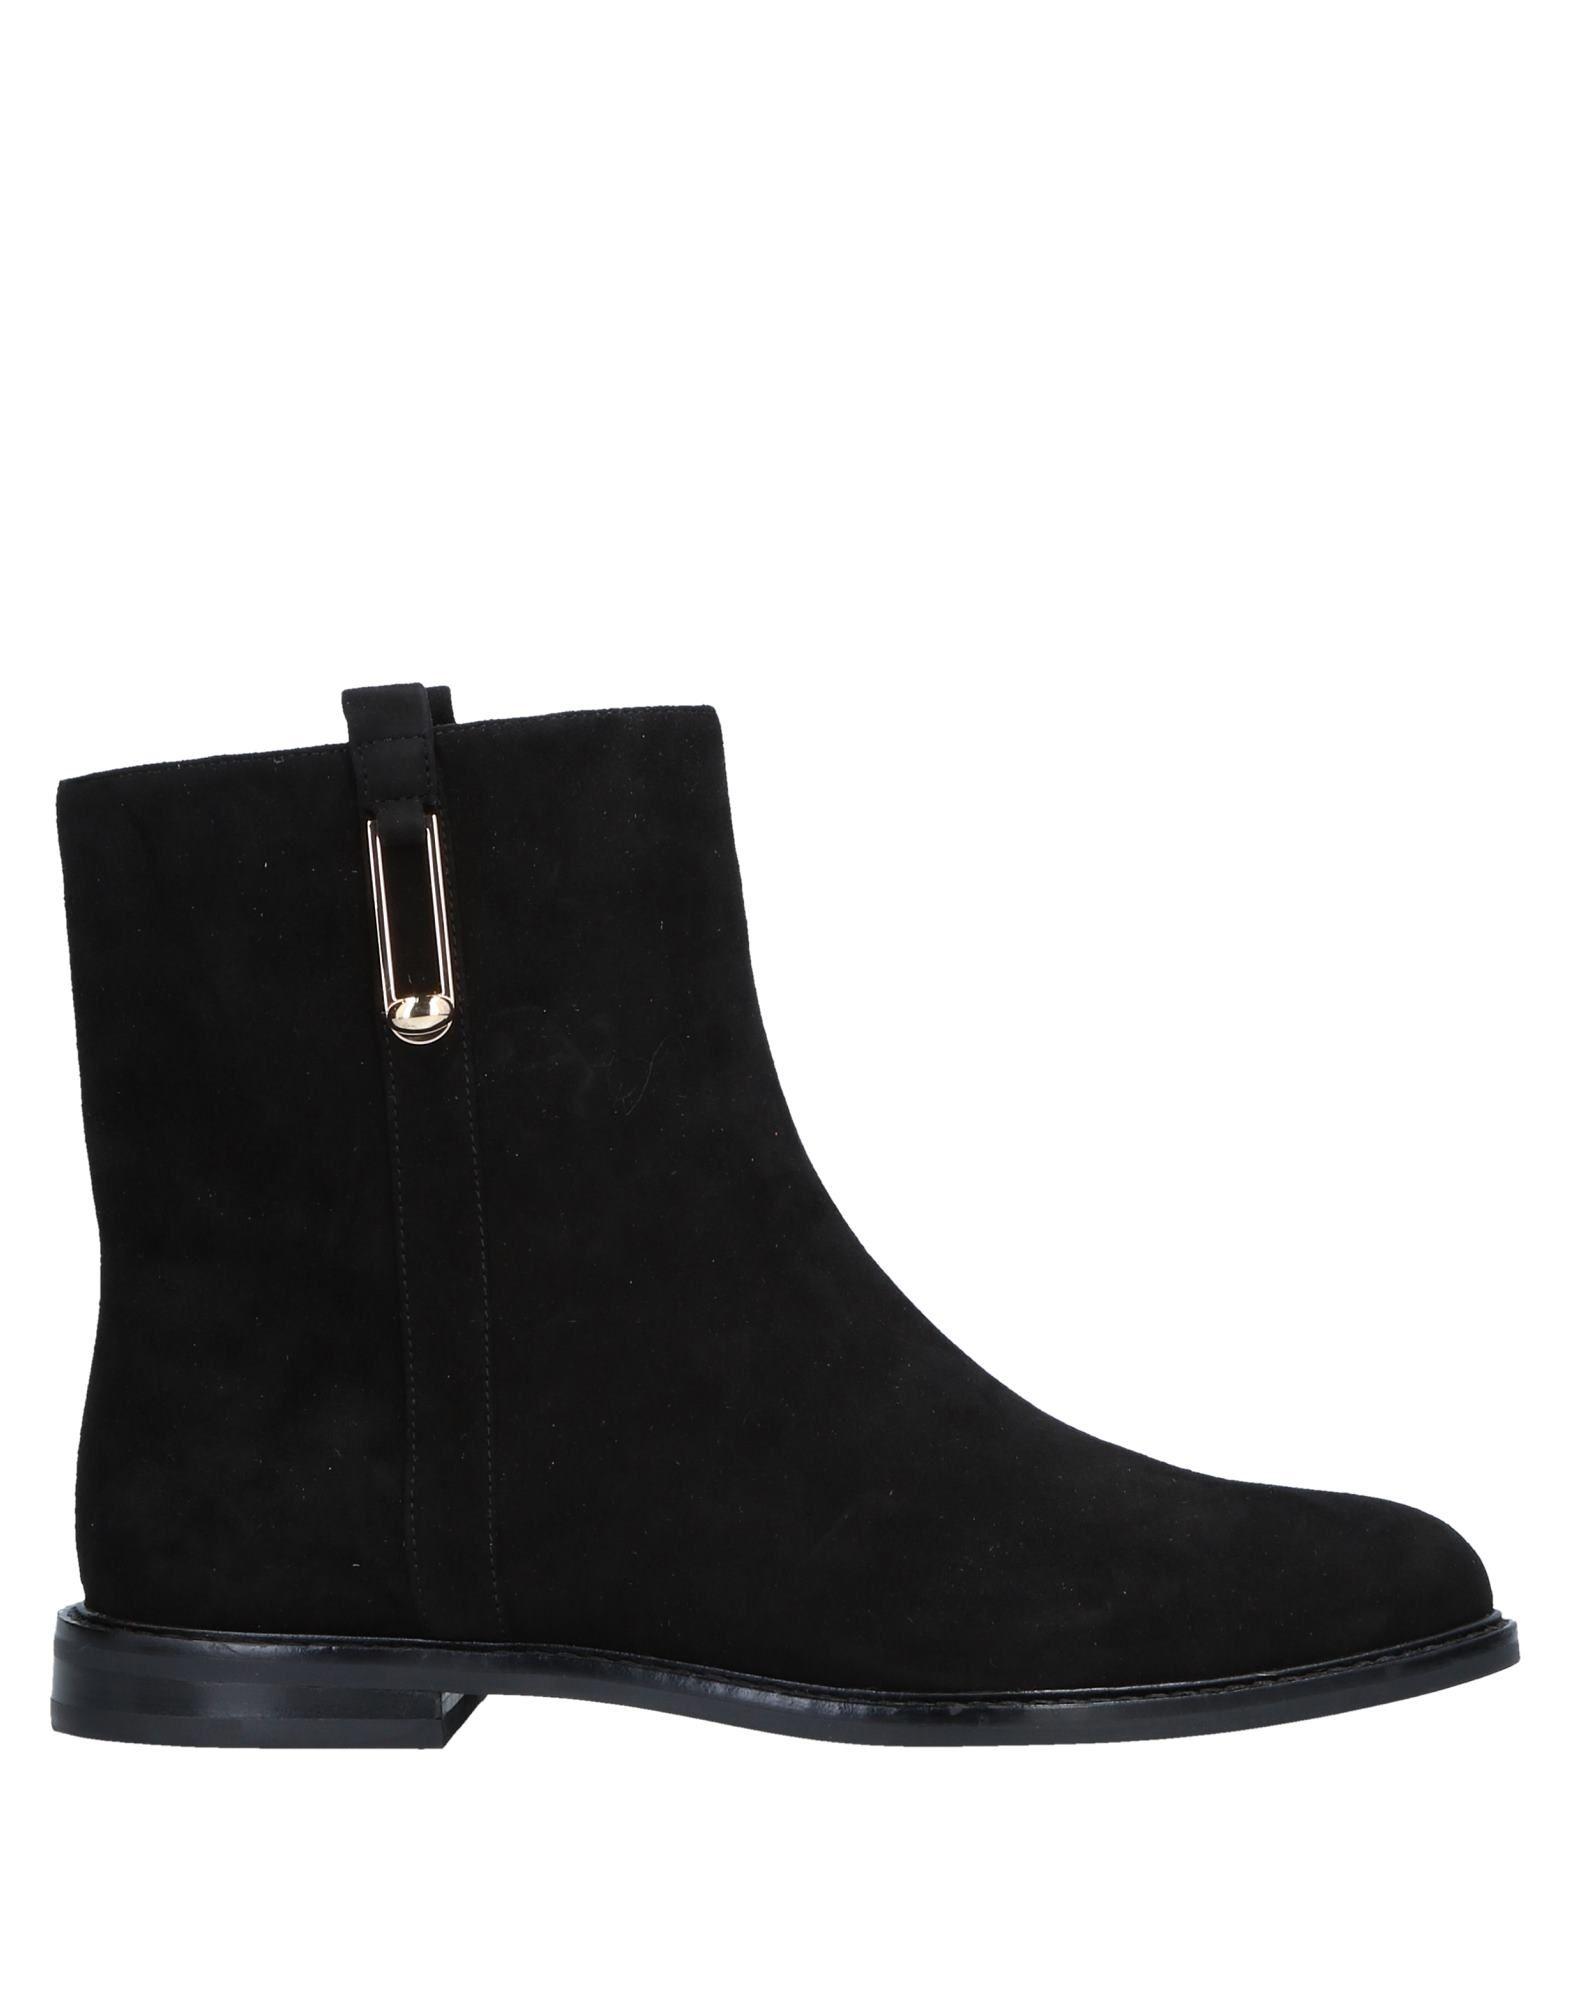 Rabatt Schuhe Stella Luna  Stiefelette Damen  Luna 11542734XW 7488ee